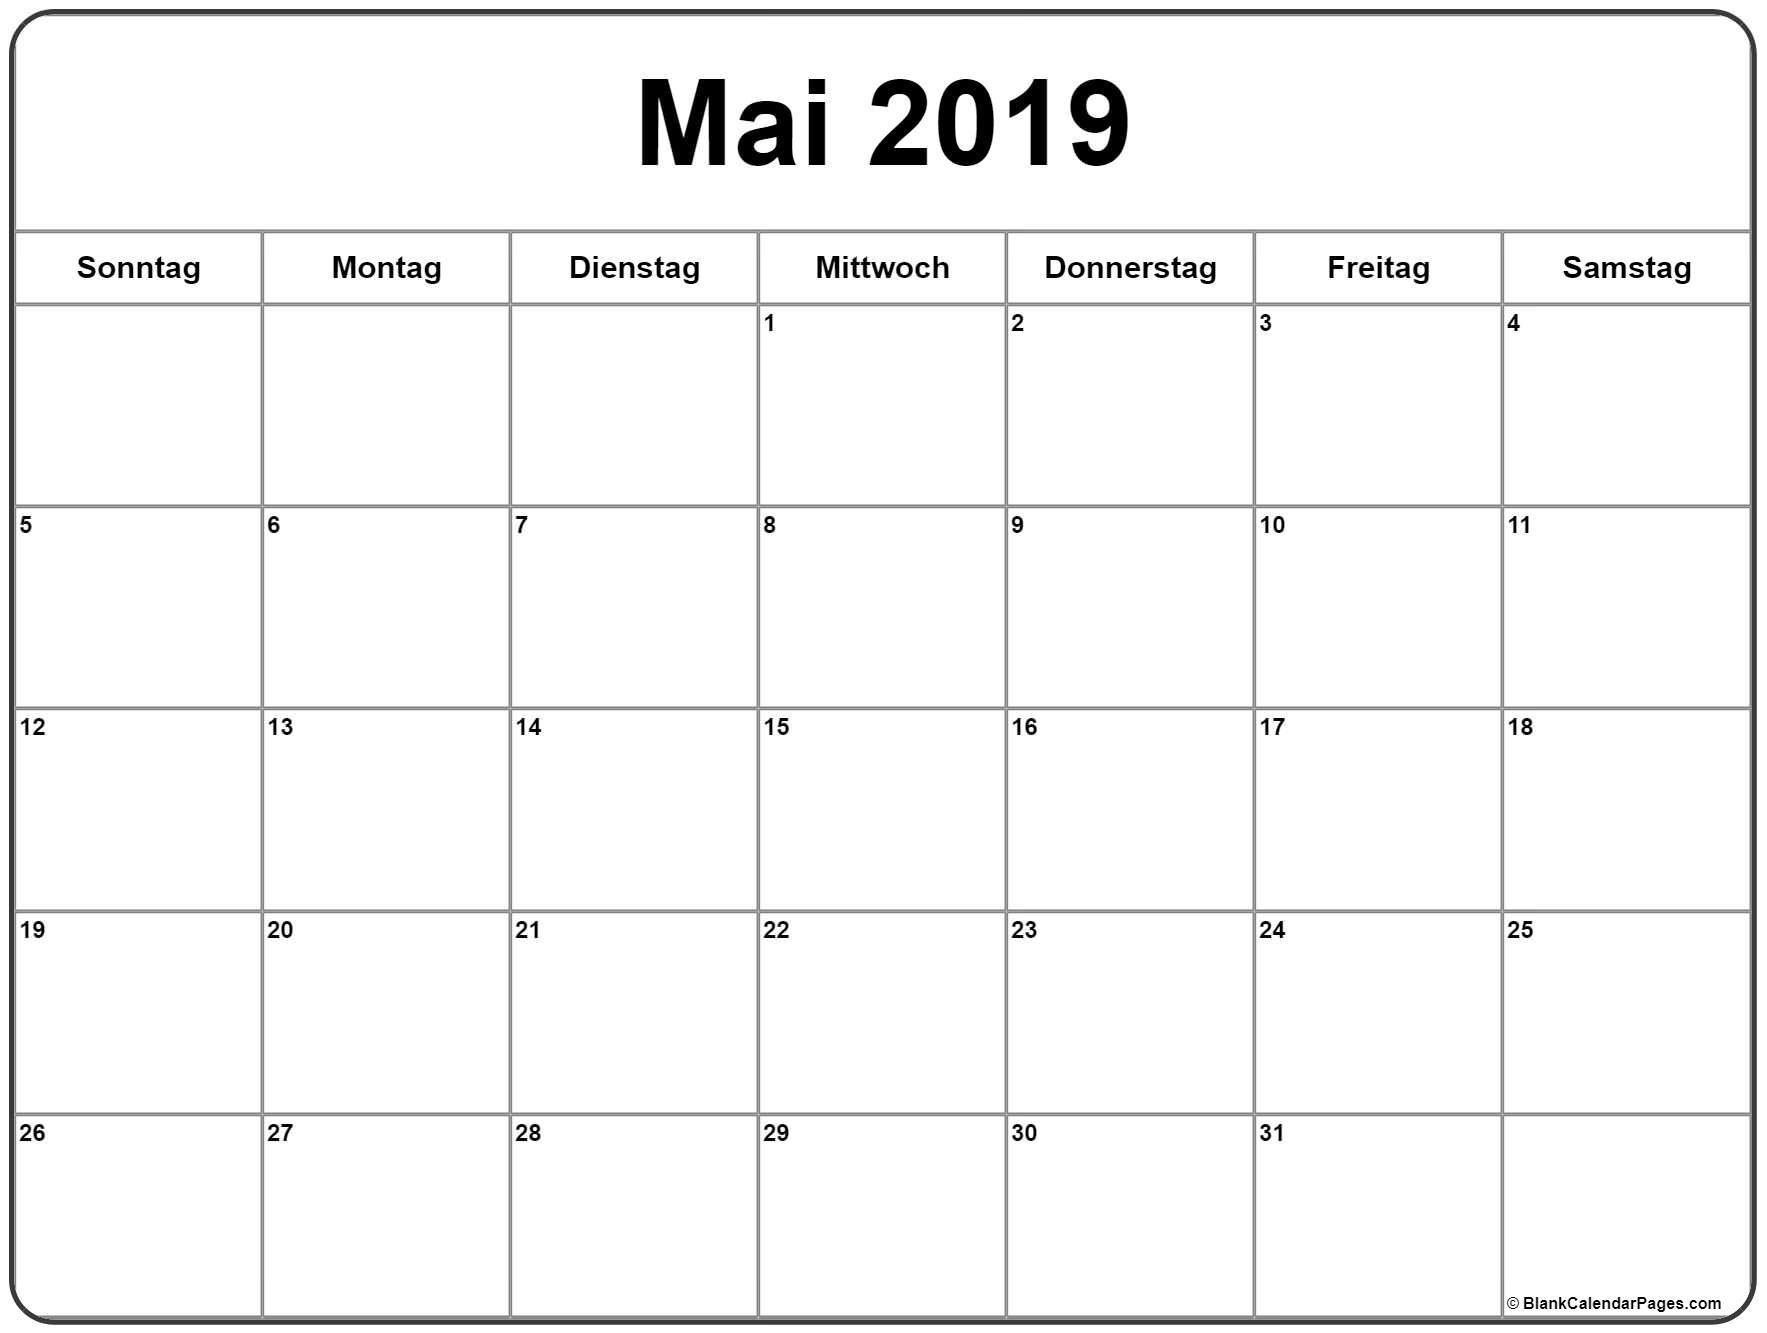 Mai 2019 Kalender Zum Ausdrucken | February Calendar